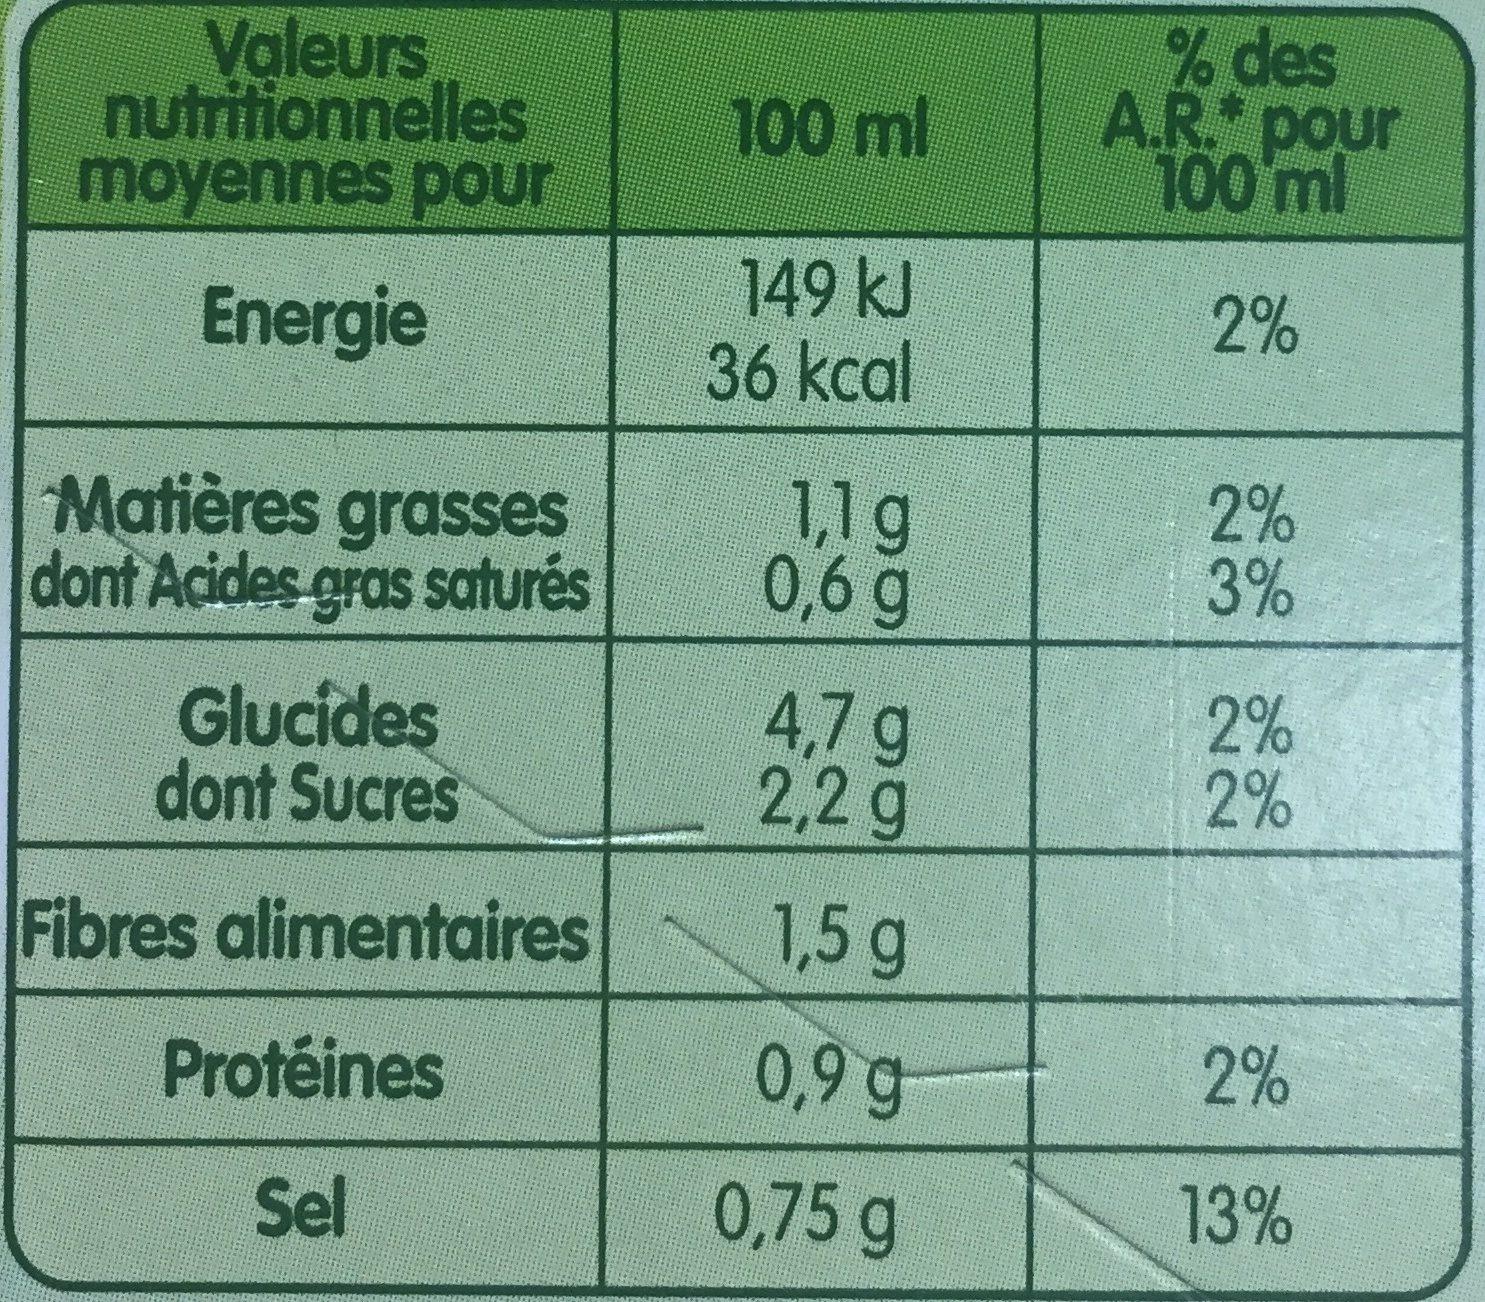 Velouté de Carottes - Informations nutritionnelles - fr